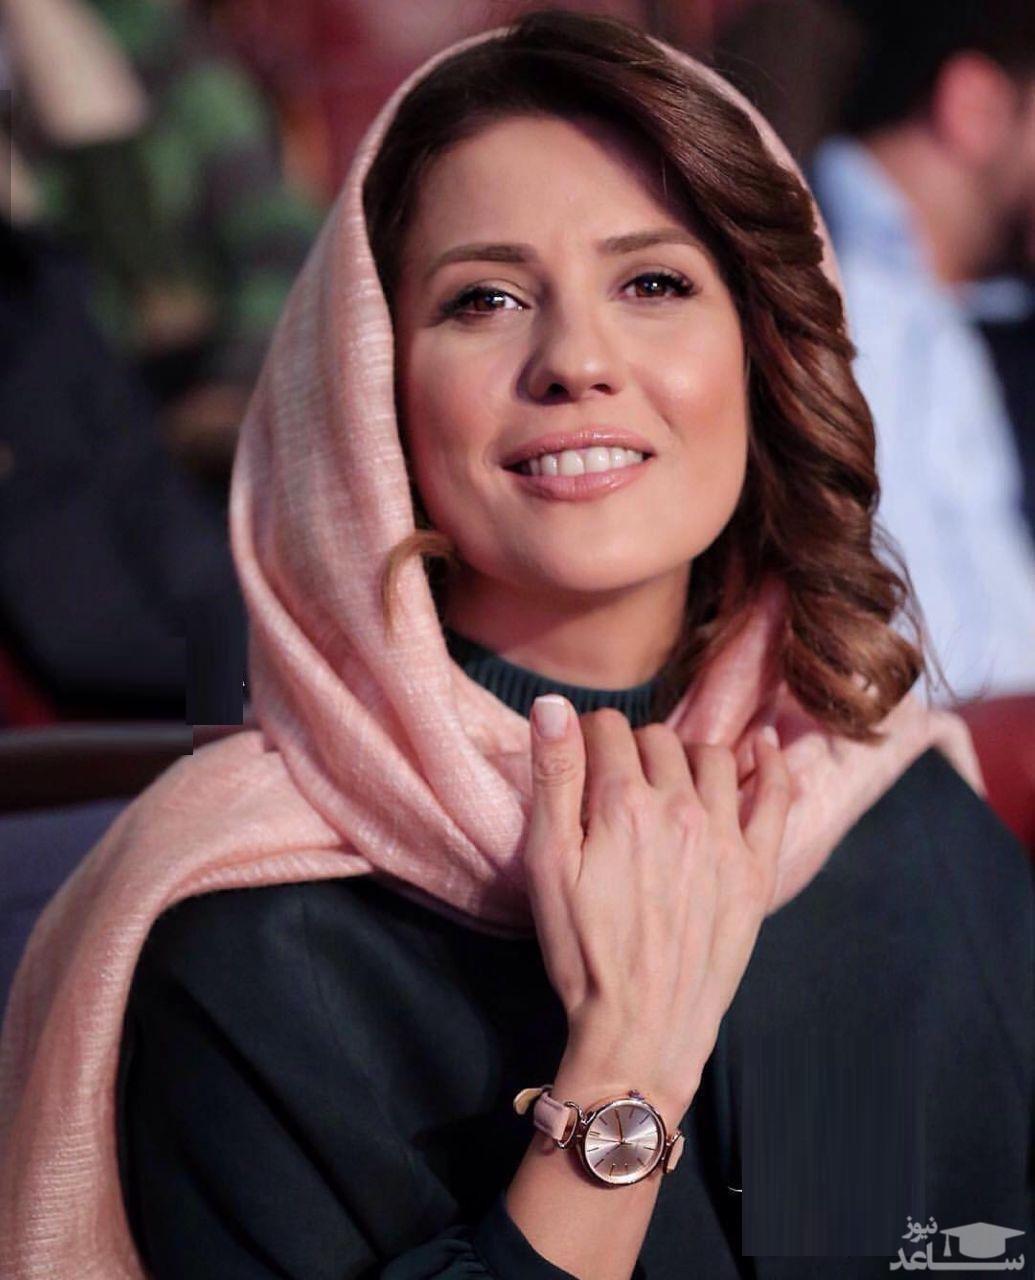 سارا بهرامی در جشن تولد پولاد کیمیایی